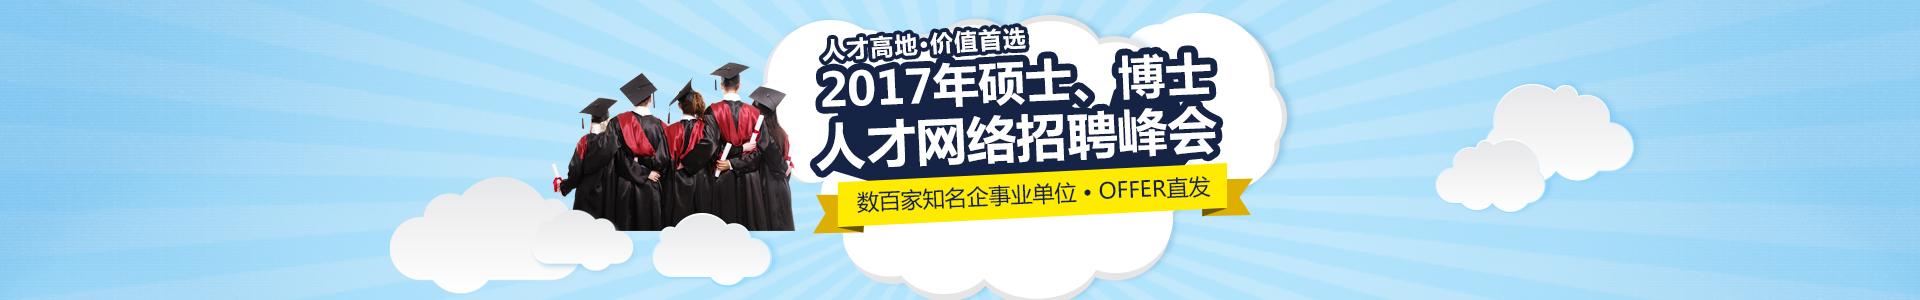 2017年硕士博士人才网络招聘峰会